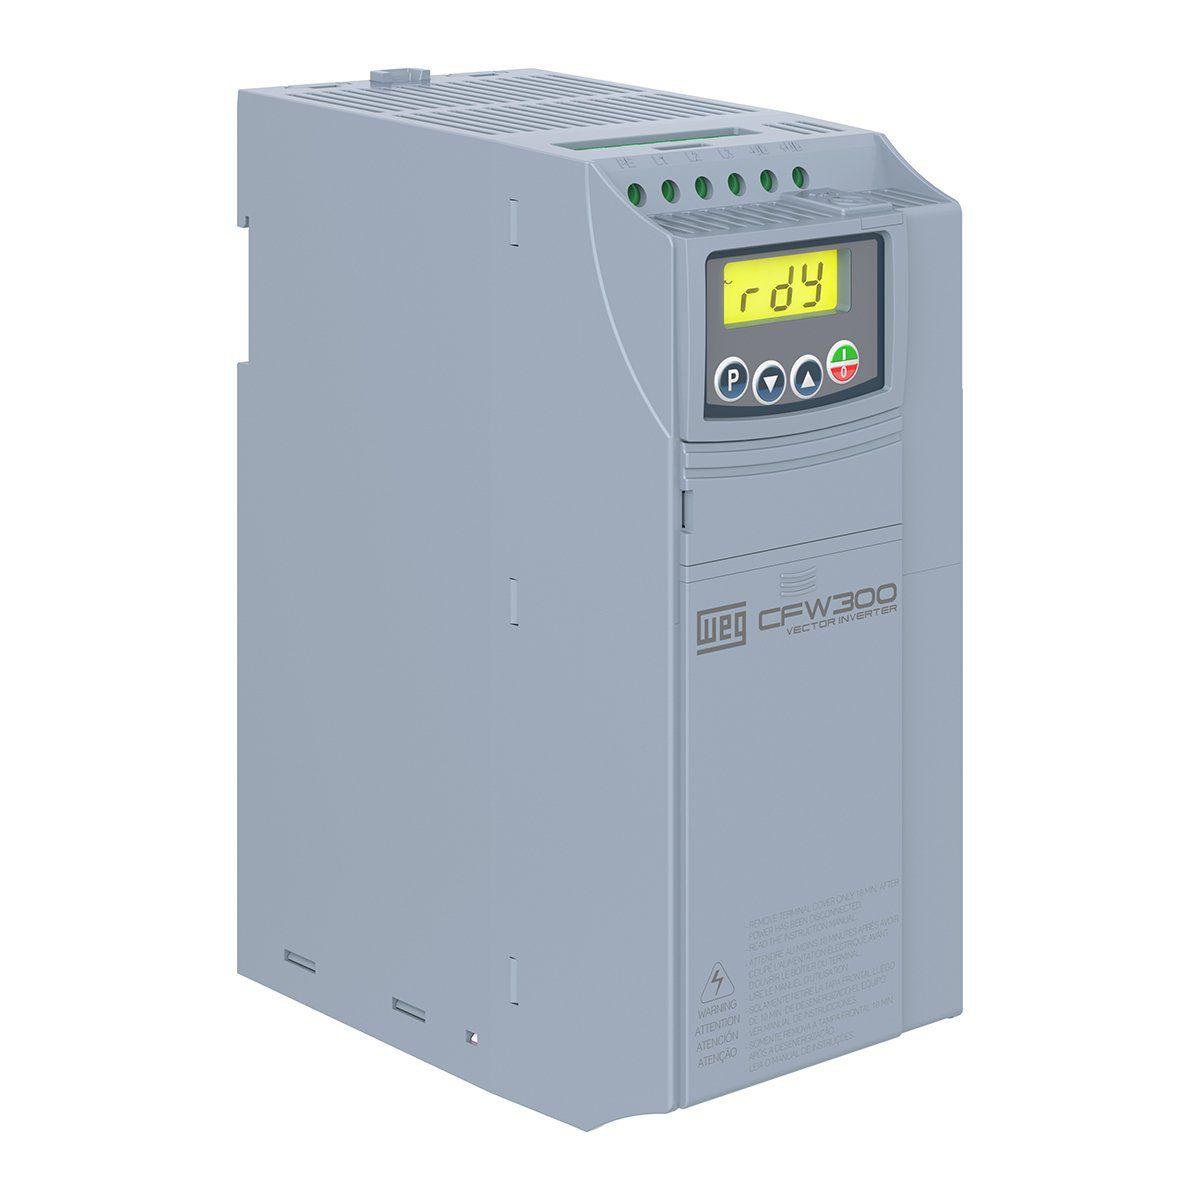 Inversor De Frequência WEG CFW300 C15P0T4Db20 (entrega em 5 dias)